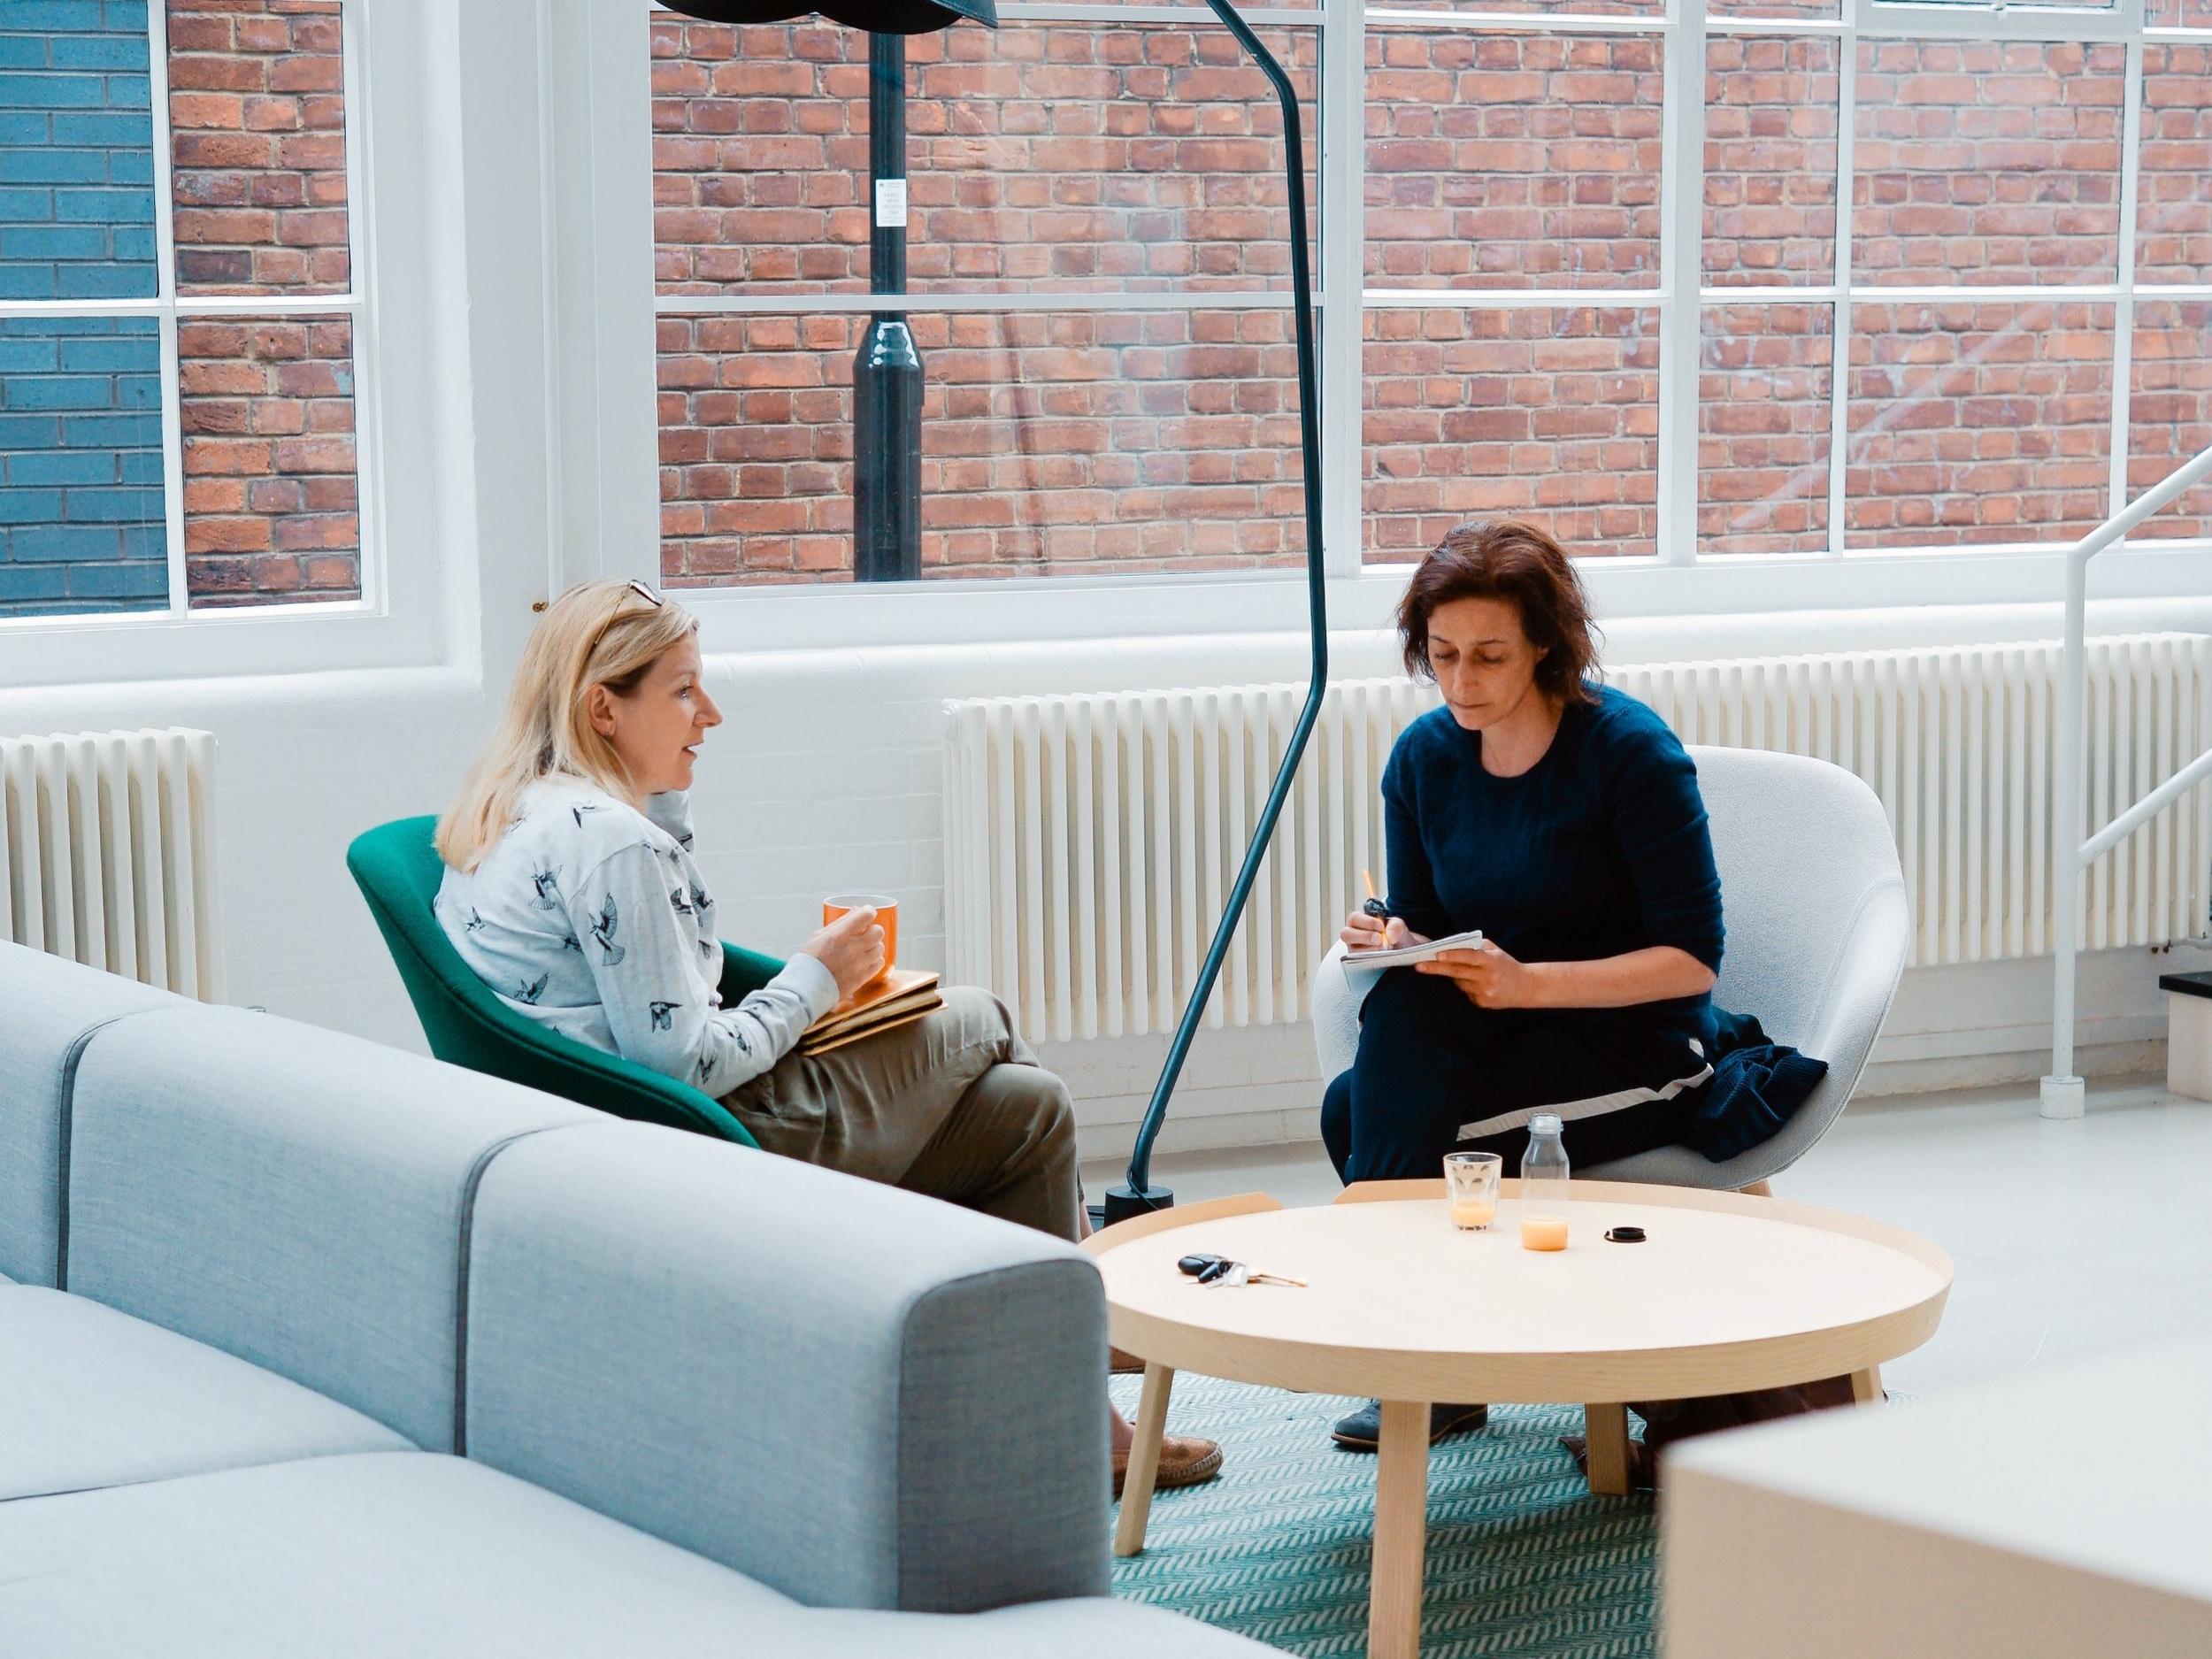 """Gemenskap och stöd - Som medlem hos oss får du tillgång till vår LinkedIn-grupp med erfarna """"kollegor"""" där du kan ställa frågor, få tips och diskutera olika uppdrag. Ett enkelt sätt att få coachning under ett uppdrag utöver support från oss."""